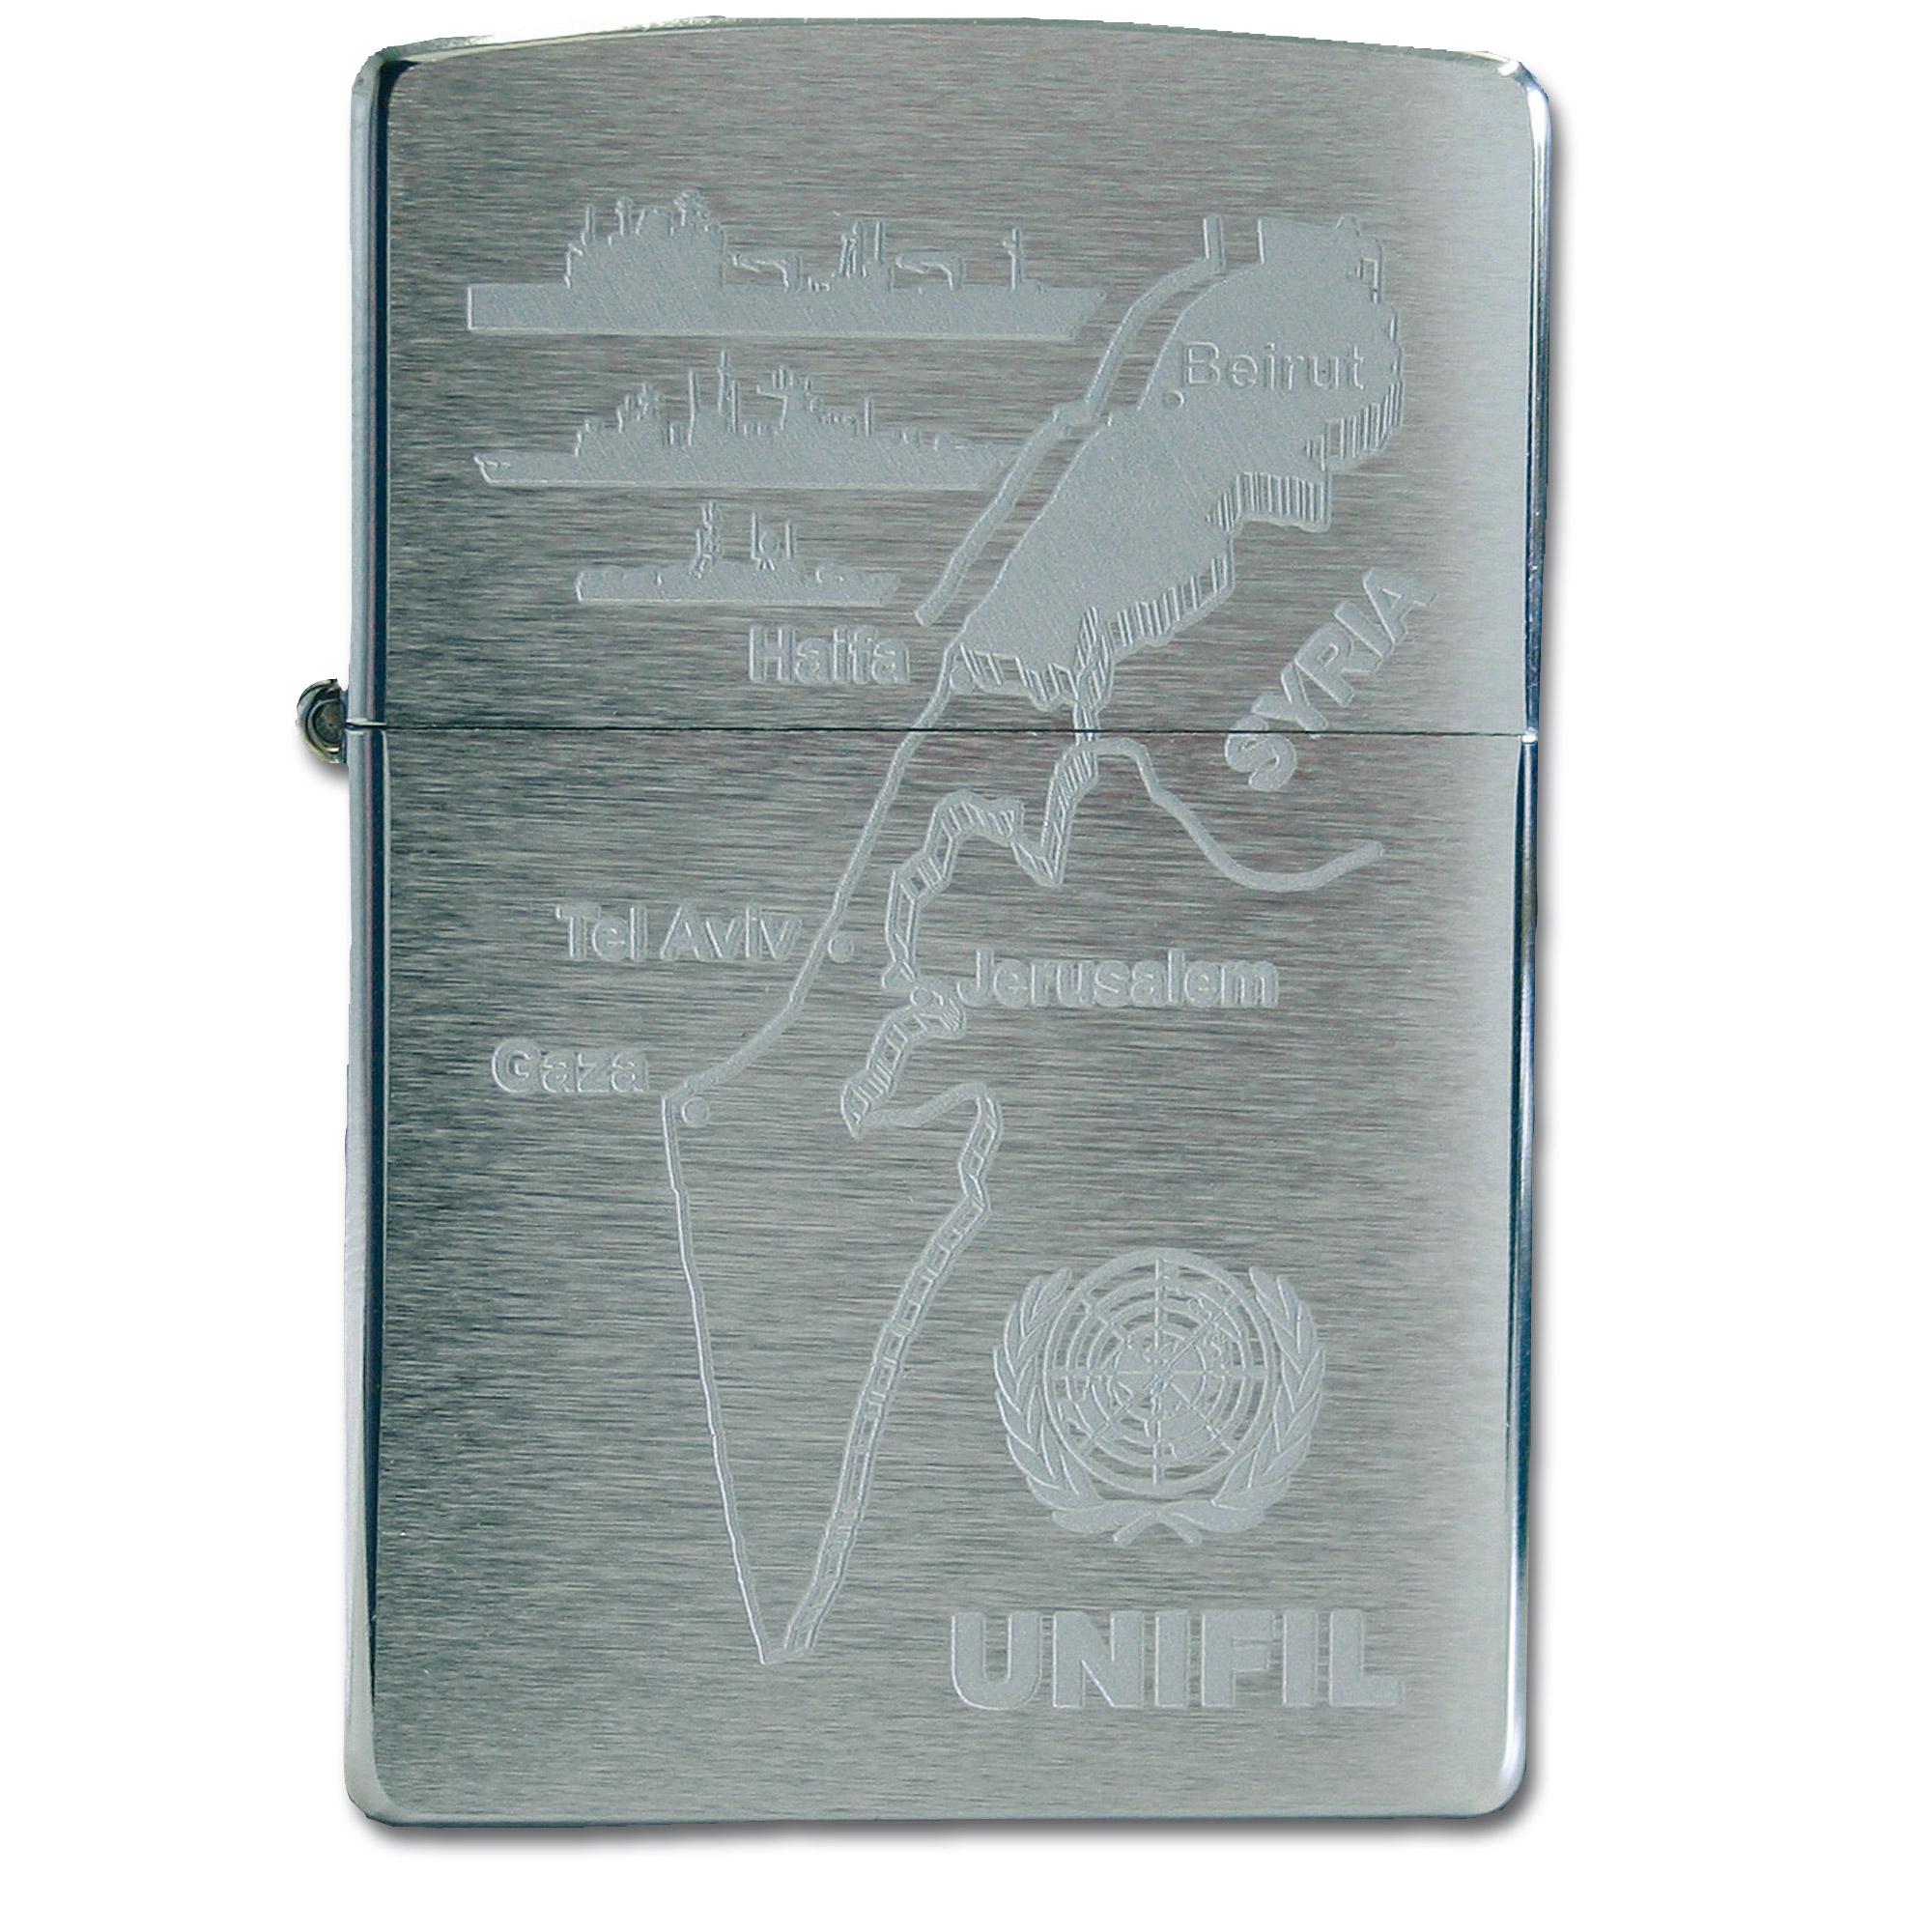 Zippo Lighter UNIFIL